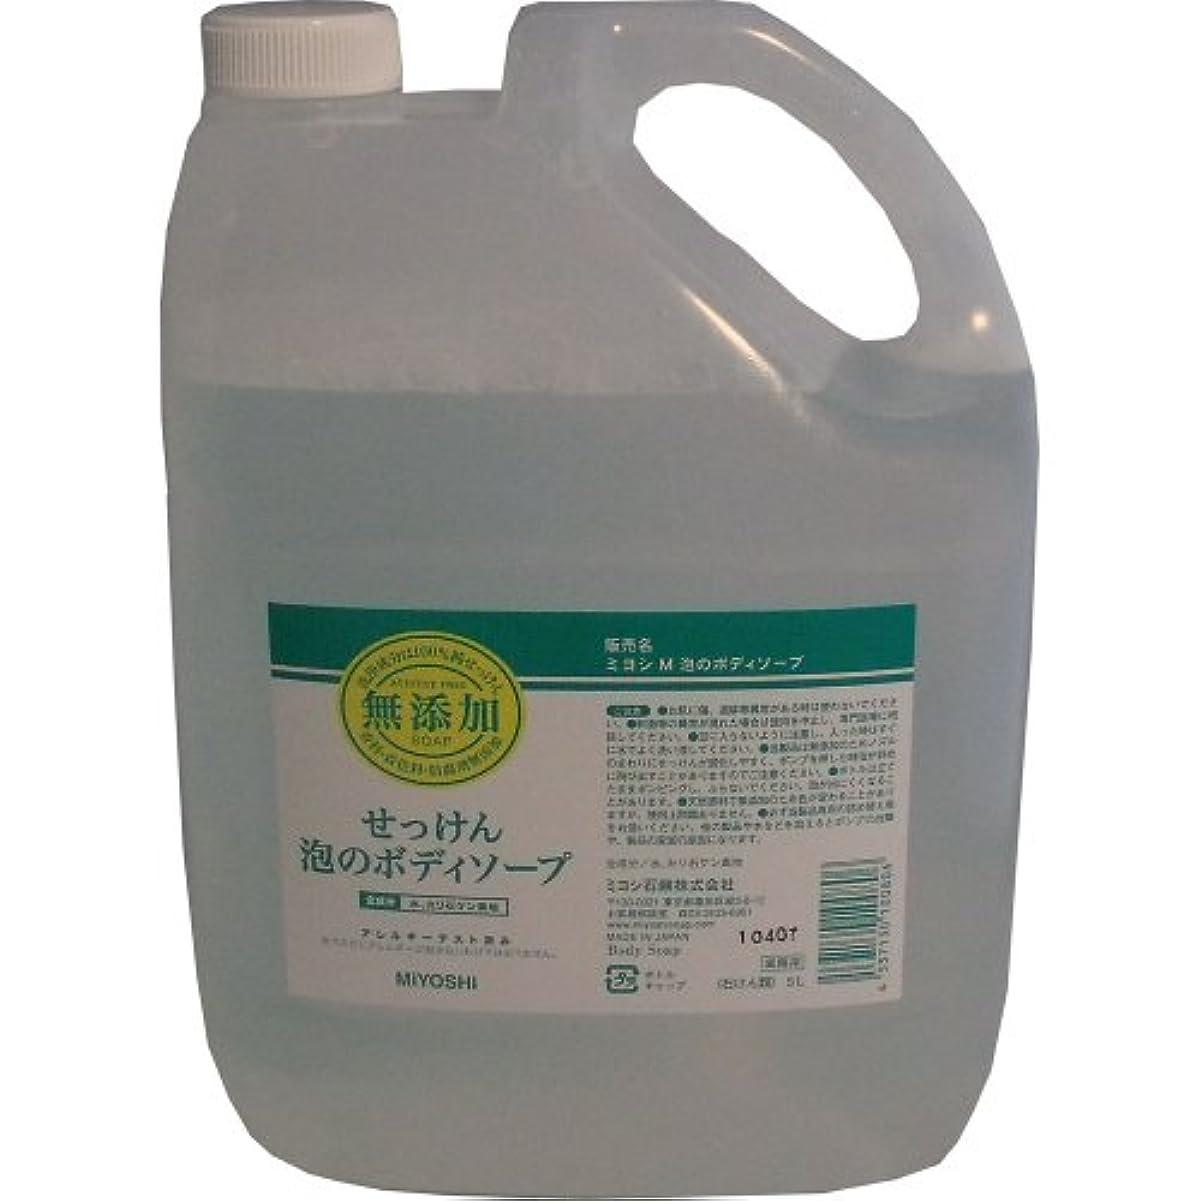 エアコン華氏浪費ミヨシ石鹸 業務用 無添加せっけん 泡のボディソープ 詰め替え用 5Lサイズ×4点セット